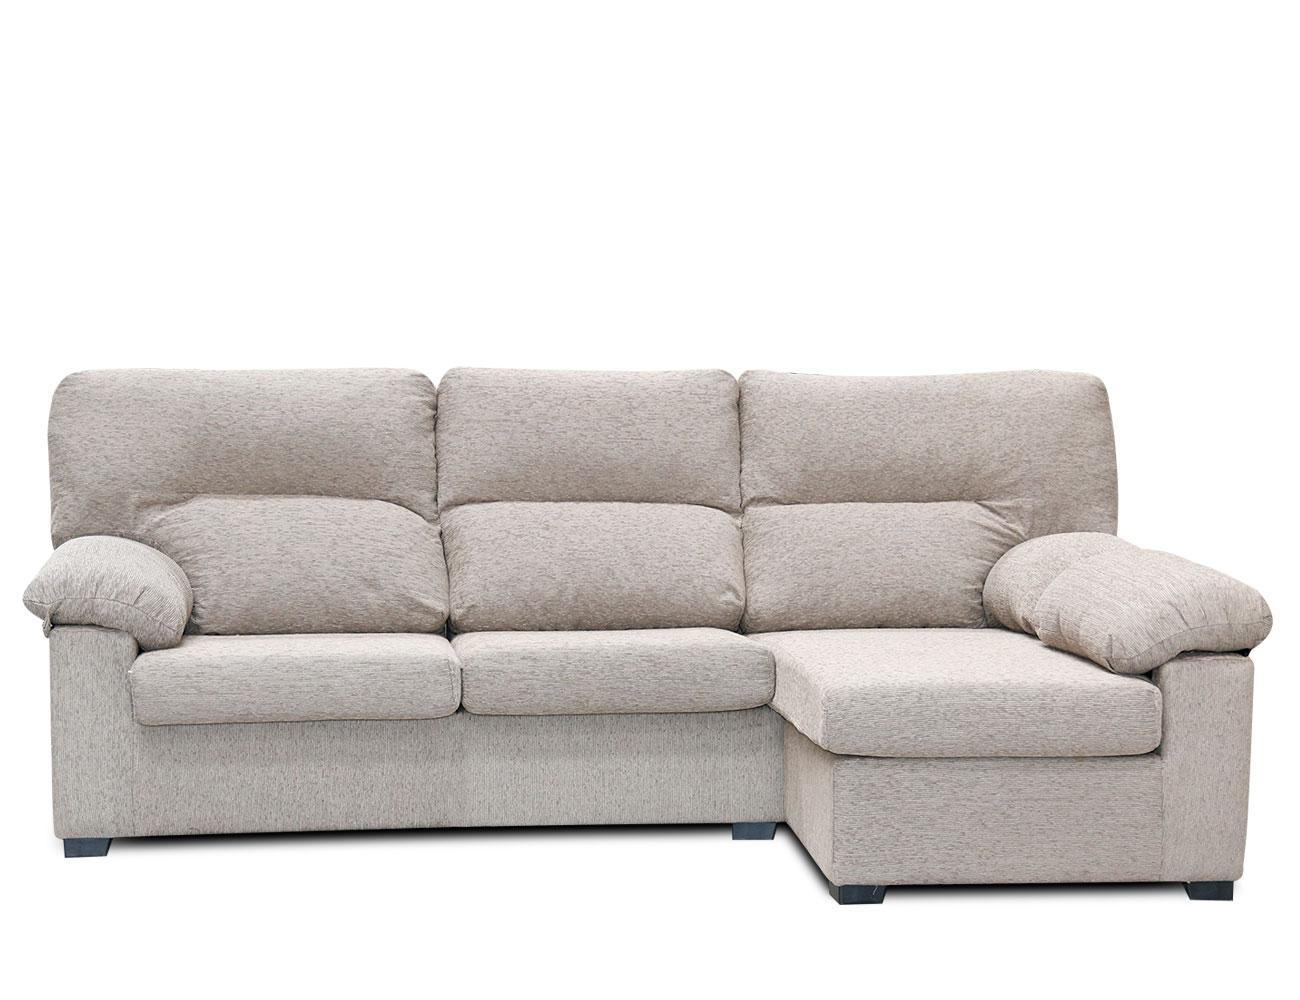 Sofa chaiselongue barato vento turron 1